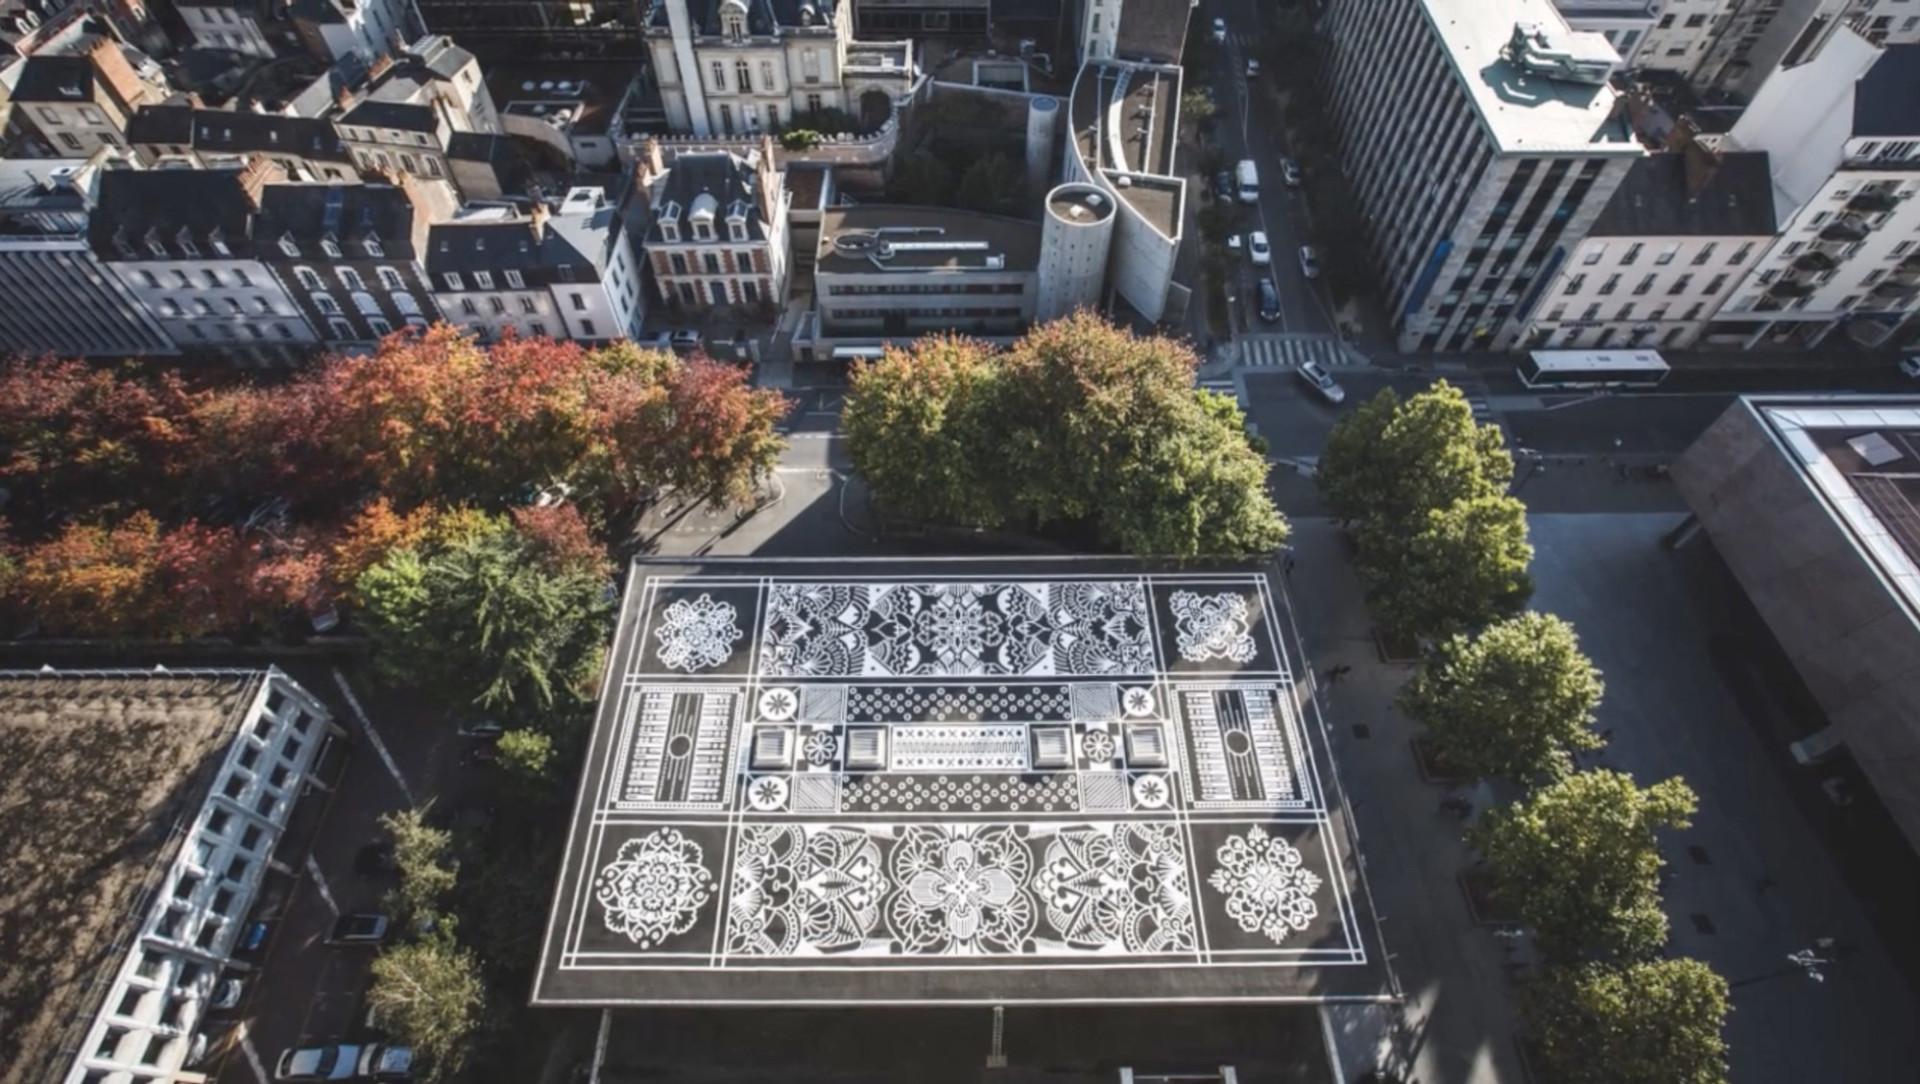 ปูเมืองด้วยพรมสวย..เชื่อมโลกเก่าเข้ากับโลกใหม่ผ่านศิลปะลายเส้นของวัฒนธรรม